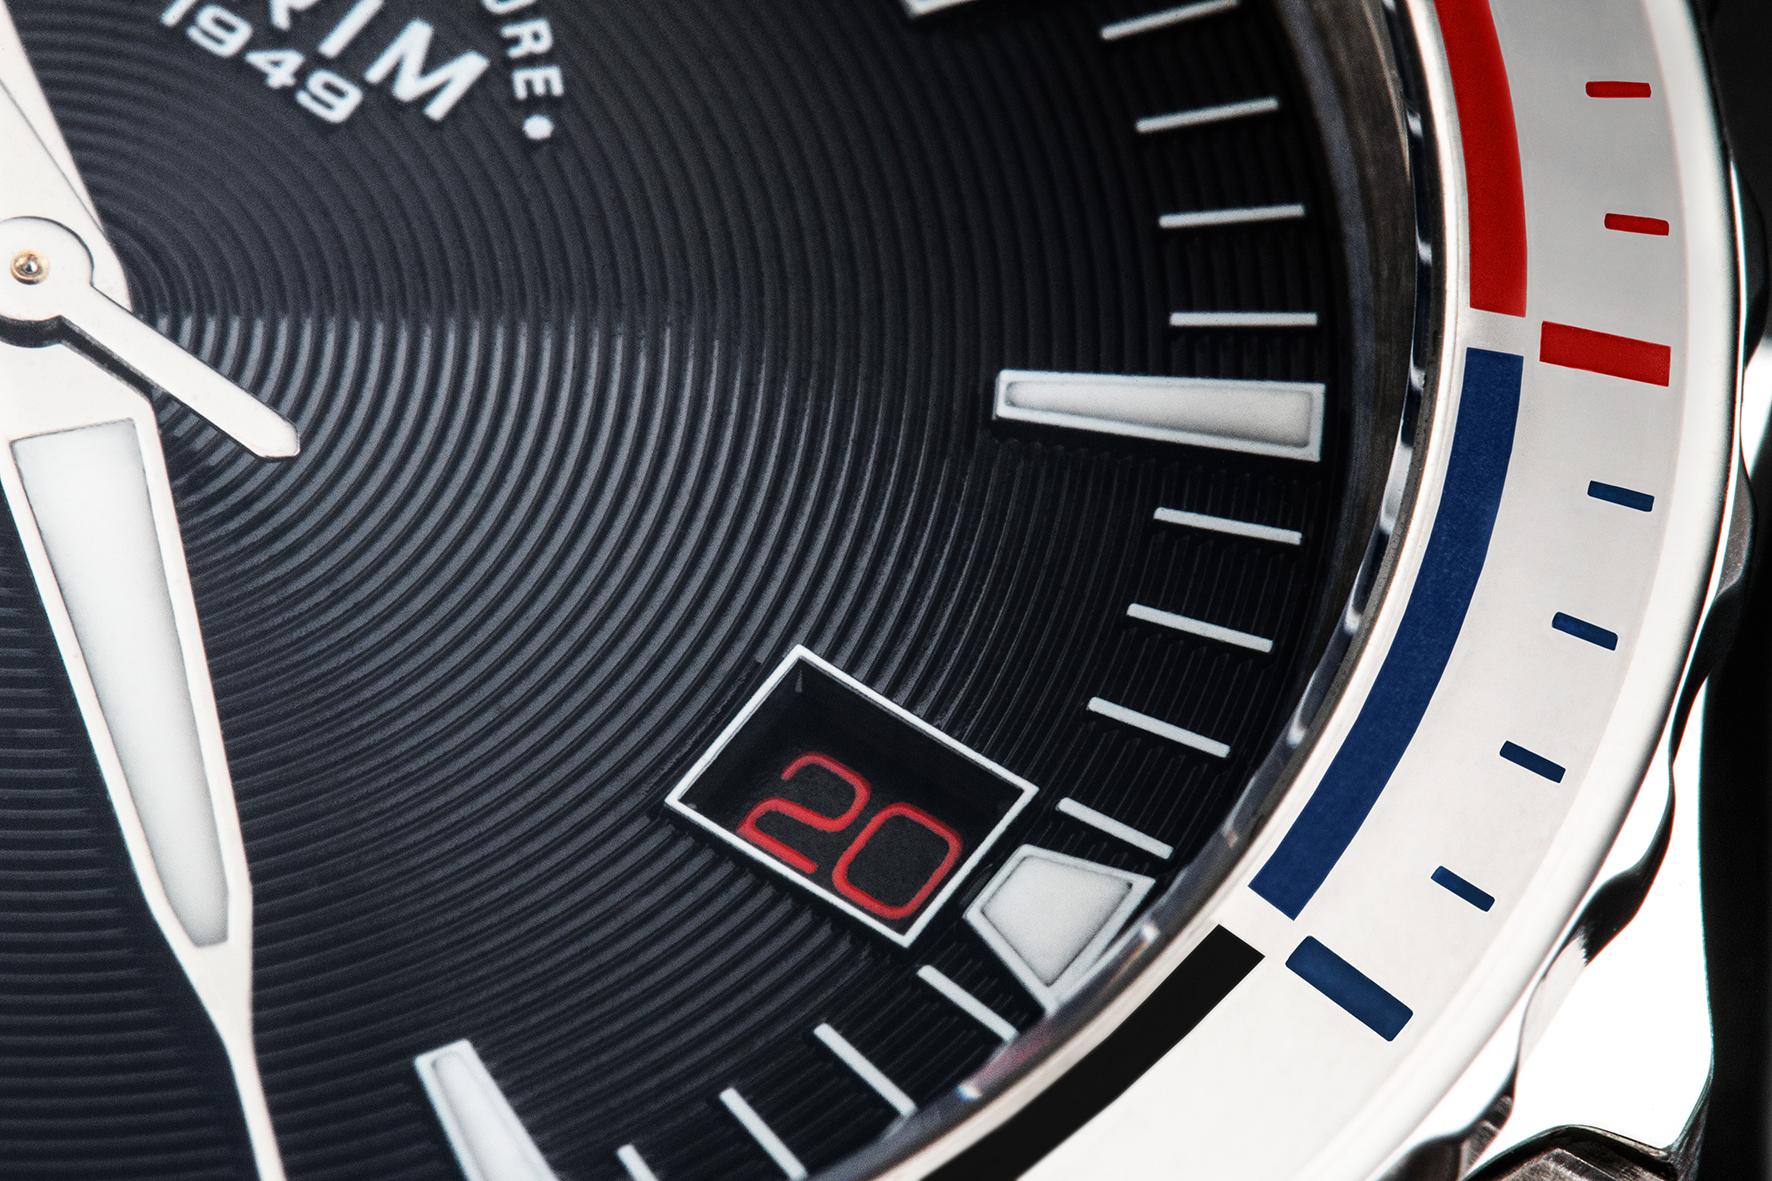 Speciální edice hodinek připomene sto let československé vlajky